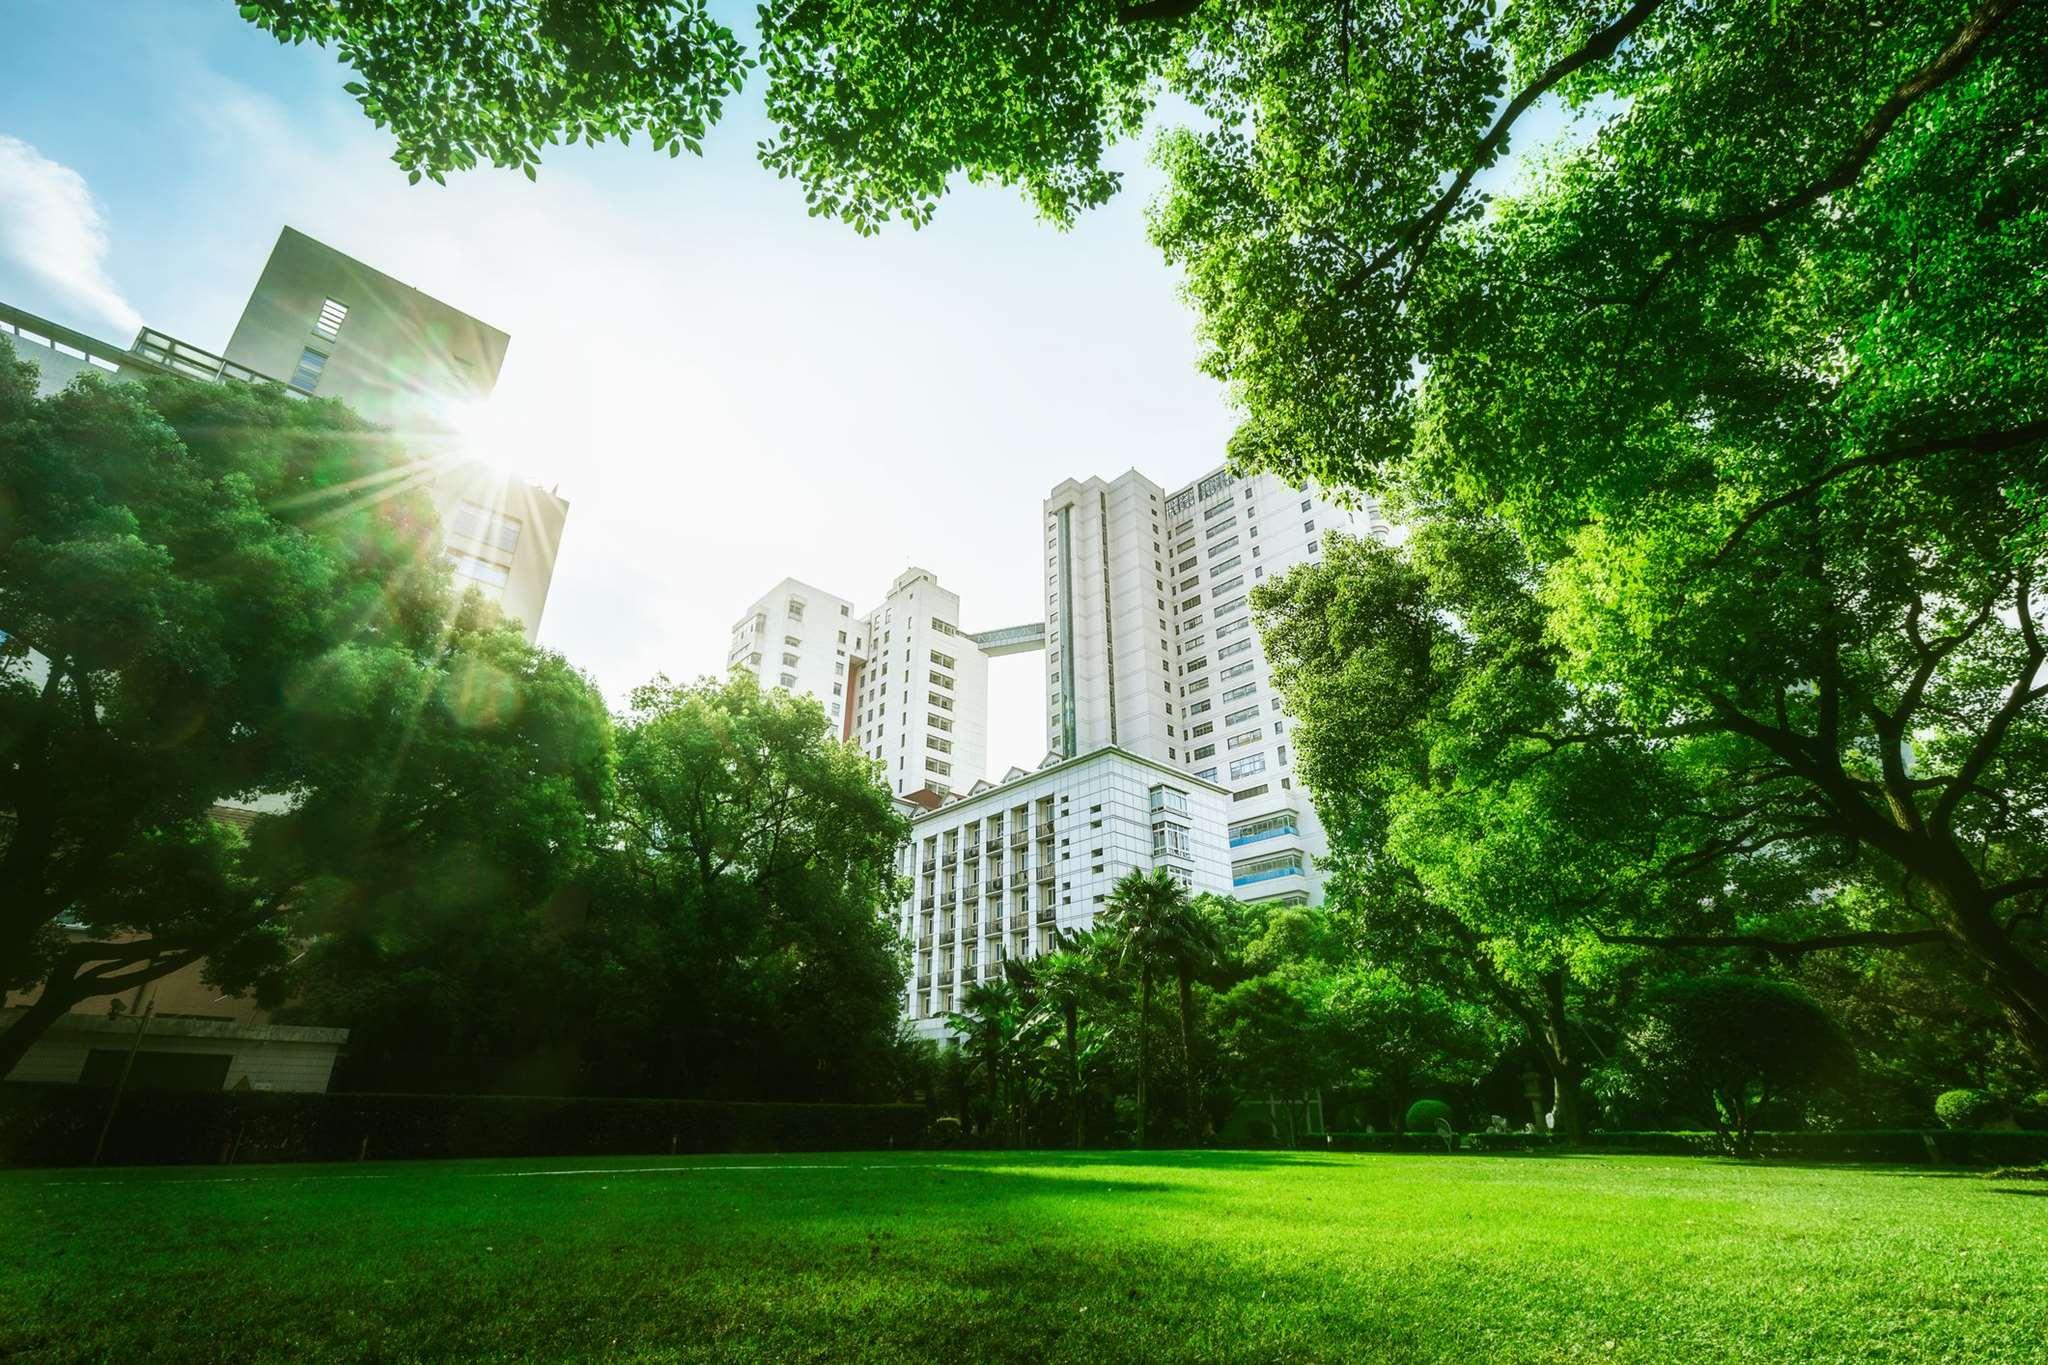 Οι δέκα πρασινότερες πόλεις παγκοσμίως